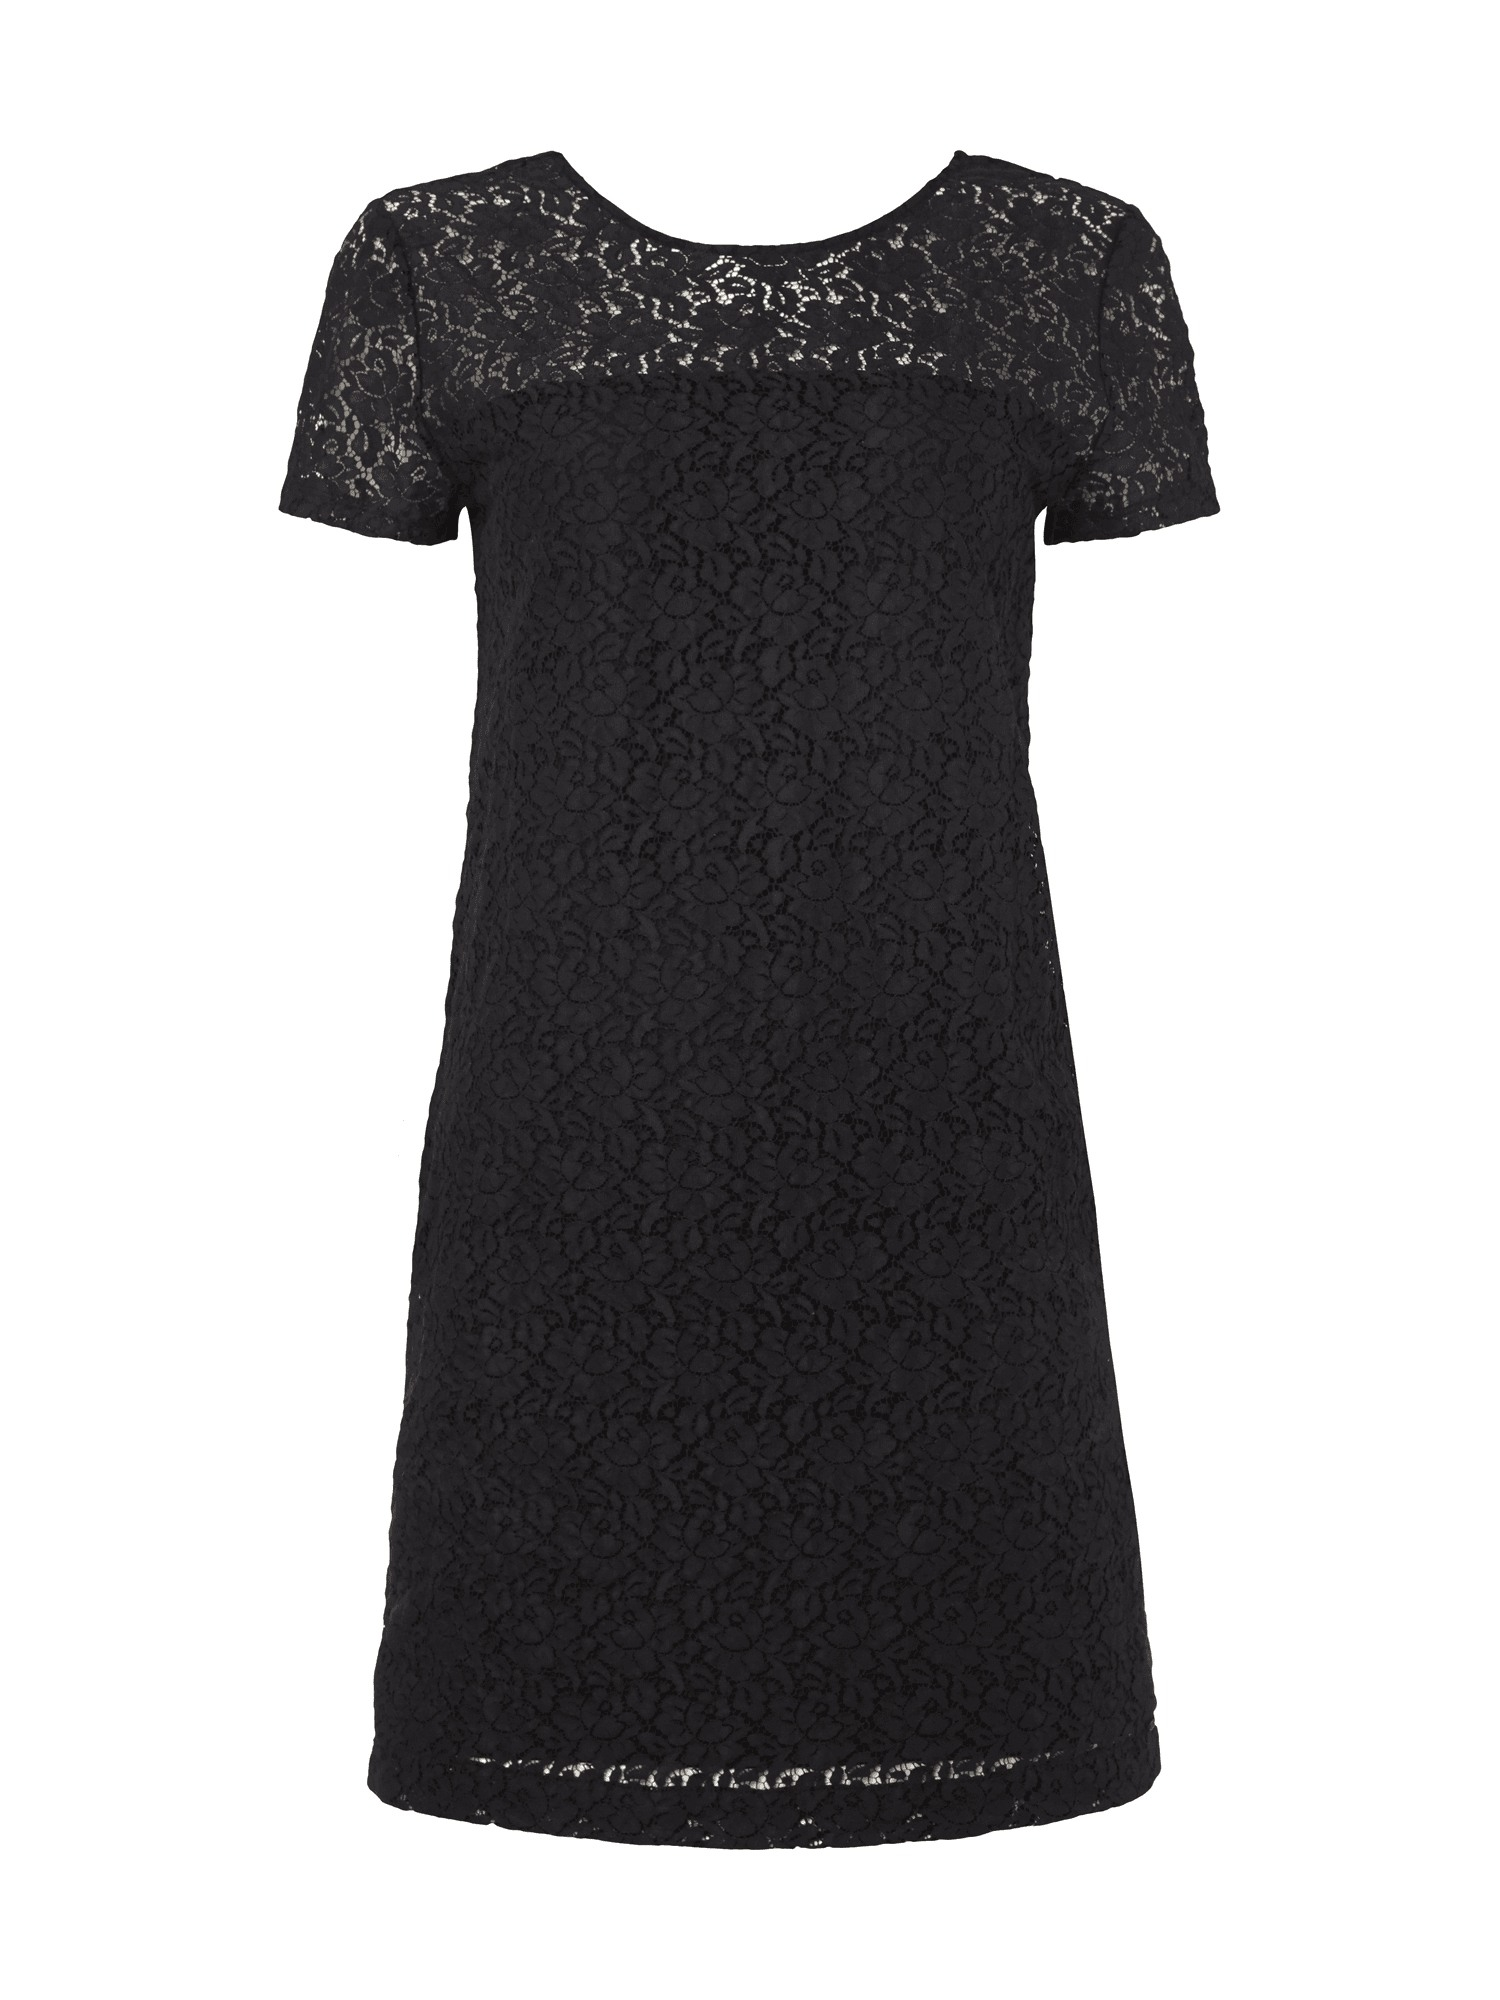 13 Schön Kleid Schwarz Spitze DesignFormal Cool Kleid Schwarz Spitze Ärmel